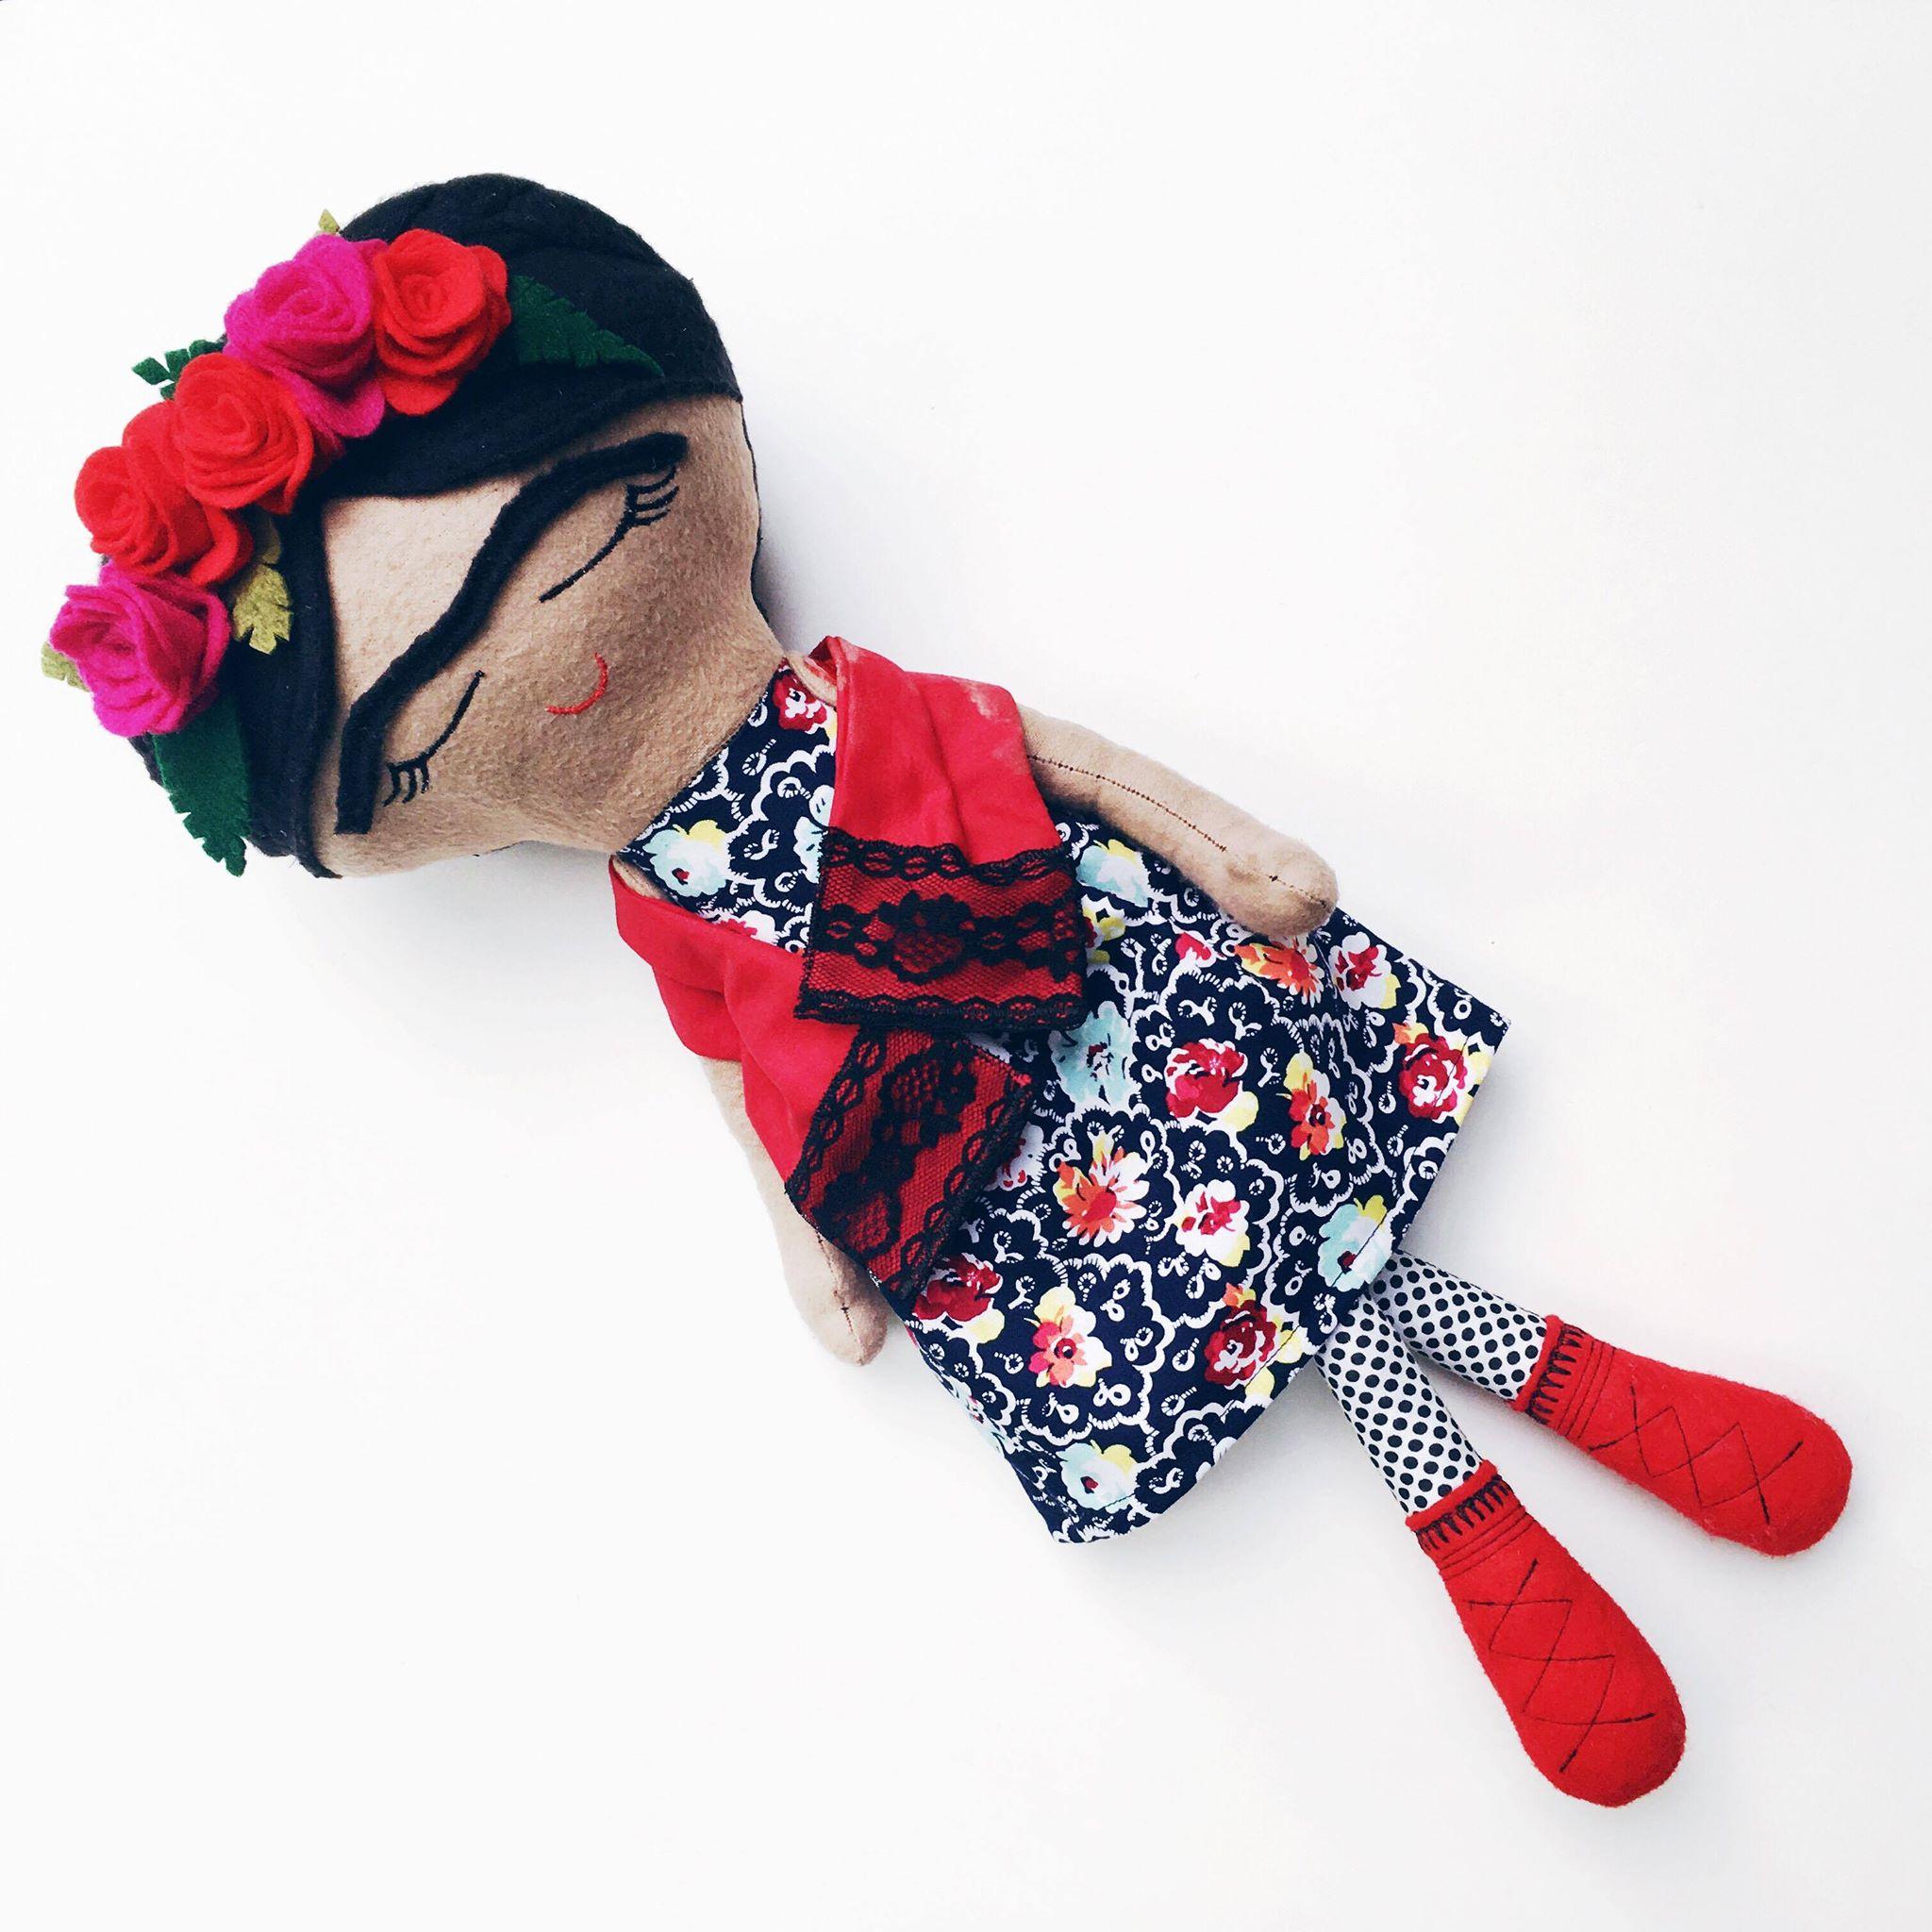 Frida Doll. Photo credit: baibin